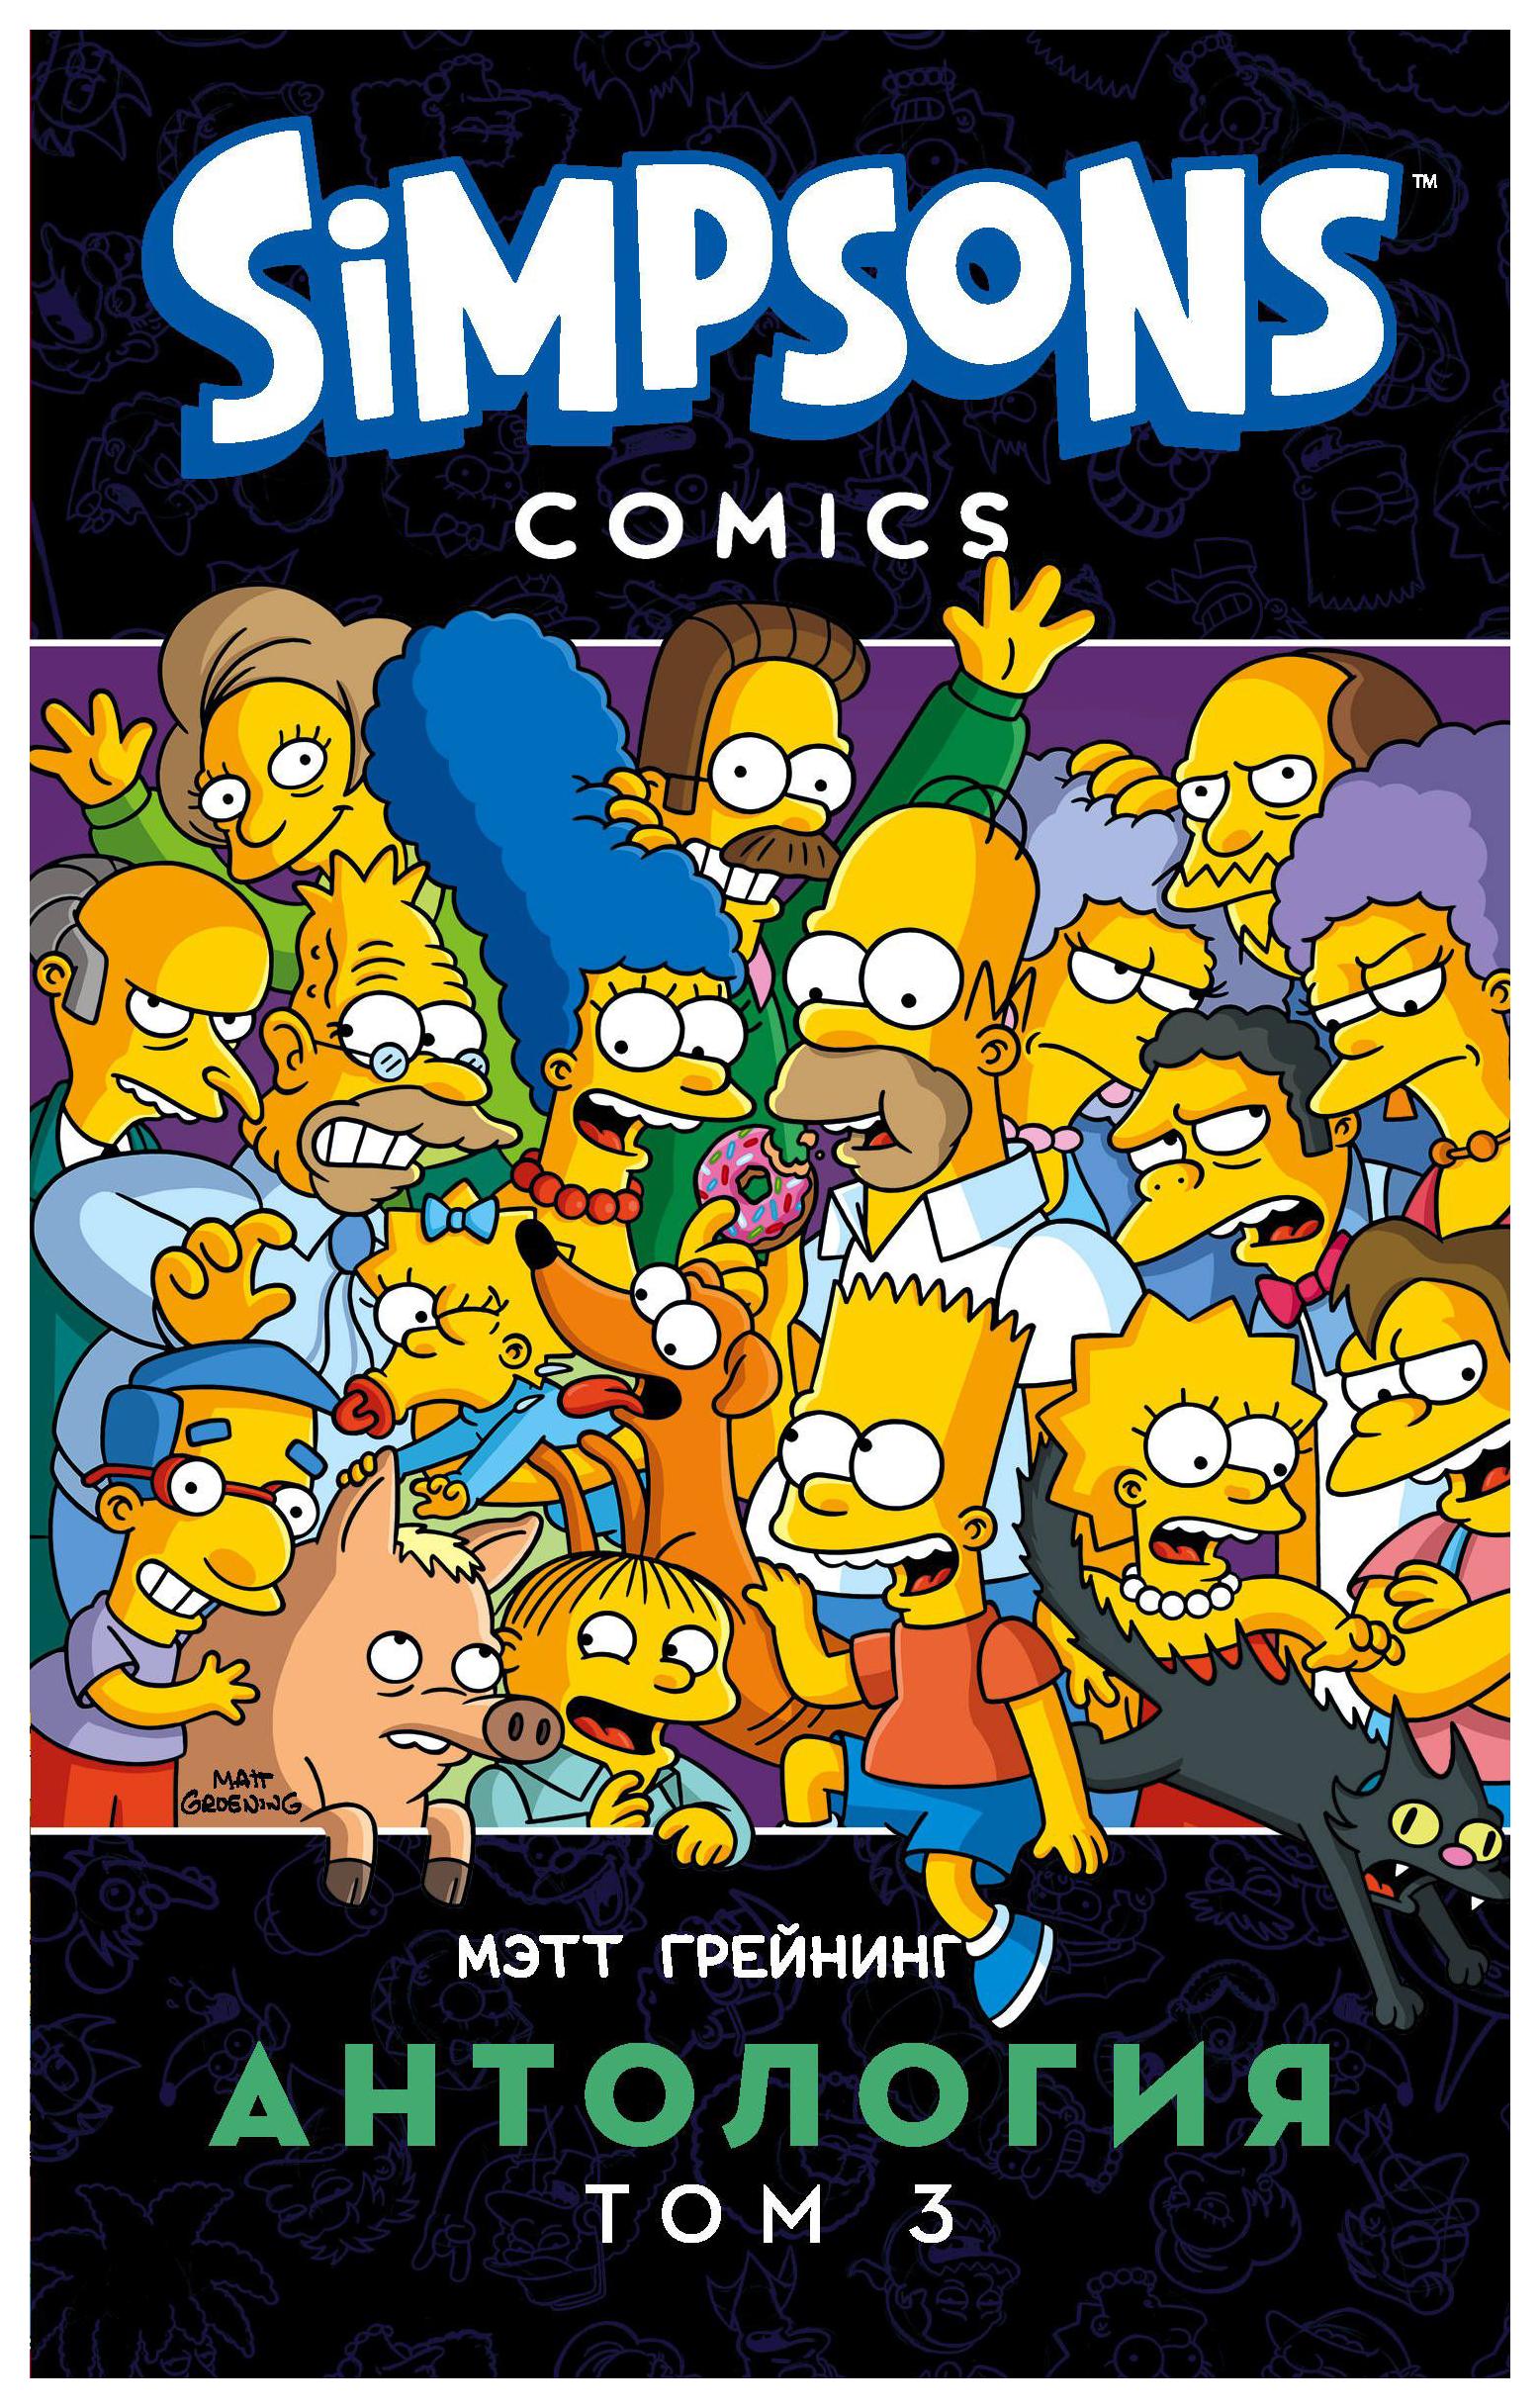 Комикс Симпсоны. Антология. Том 3 фото